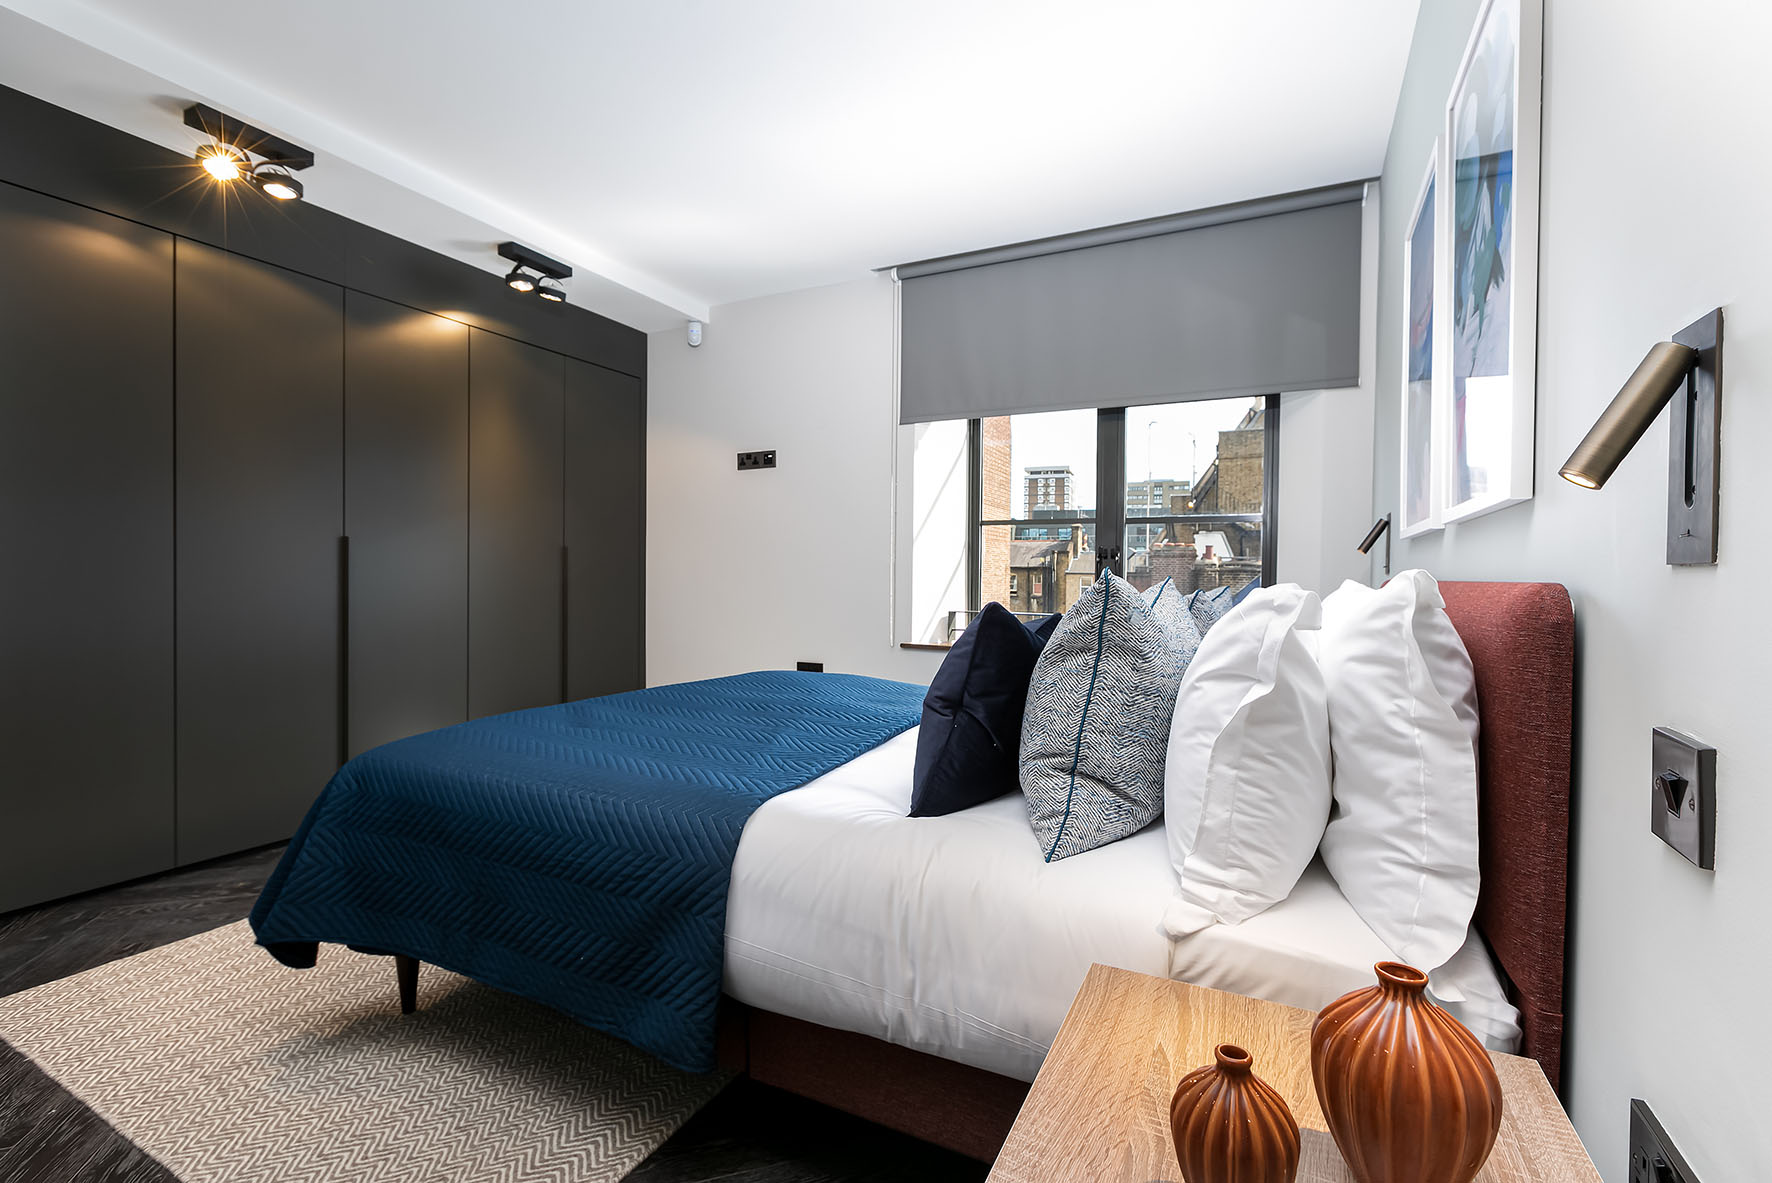 Lovelydays luxury service apartment rental - London - Soho - Noel Street VI - Lovelysuite - 2 bedrooms - 2 bathrooms - Queen bed - luxury apartment in london - cbe6776f1776 - Lovelydays